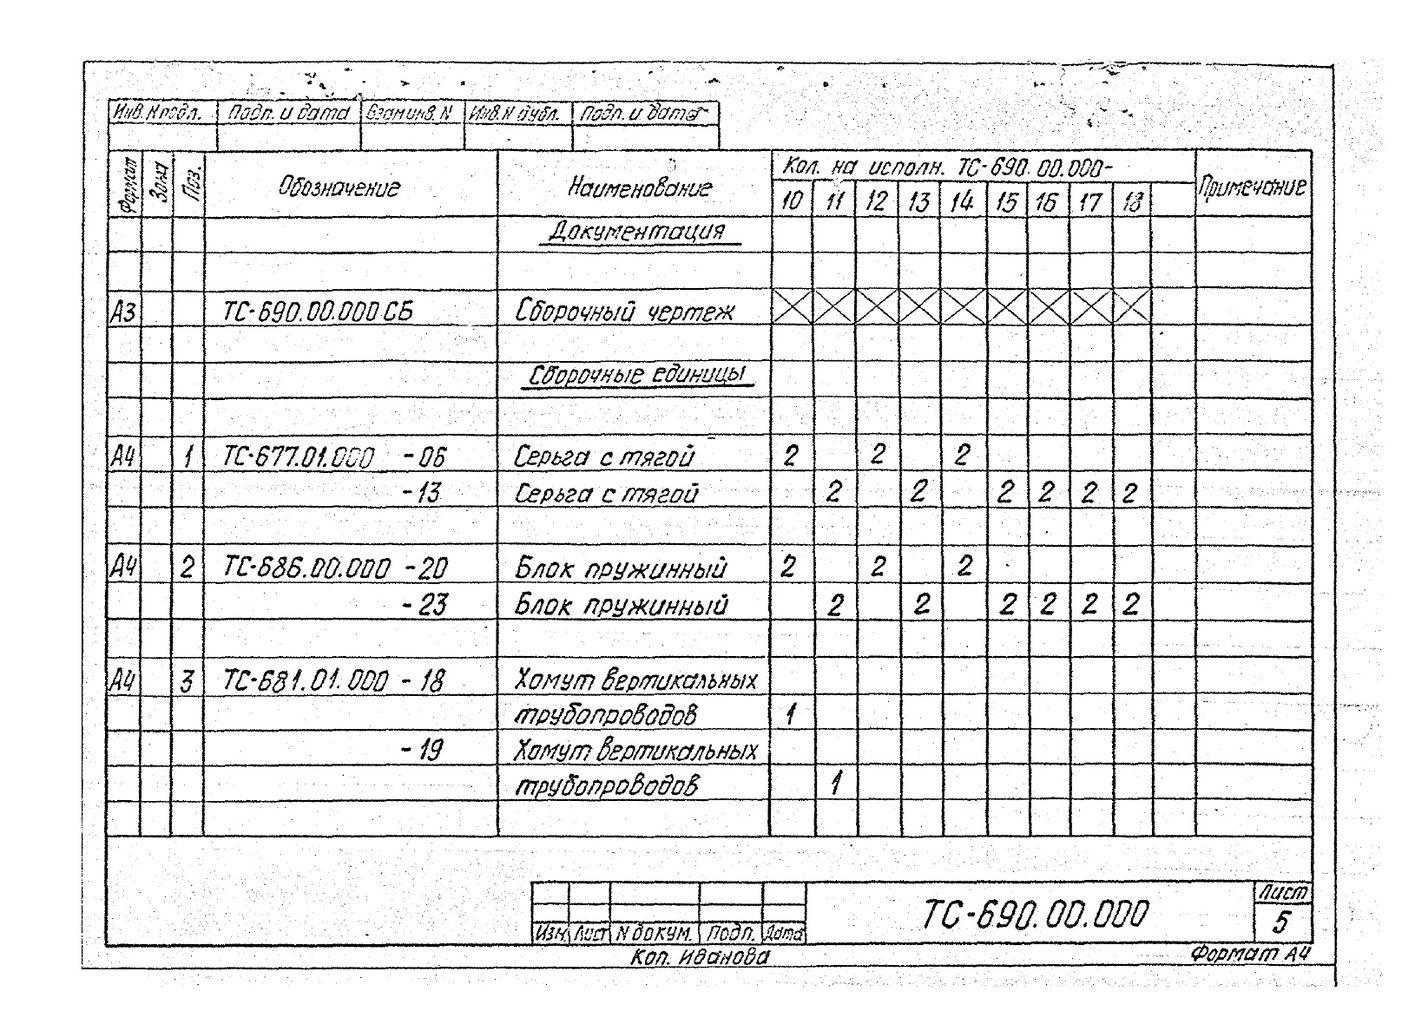 Подвески пружинные для вертикальных трубопроводов Дн 159-1420 мм ТС-690.00.000 СБ серия 5.903-13 выпуск 6-95 стр.8